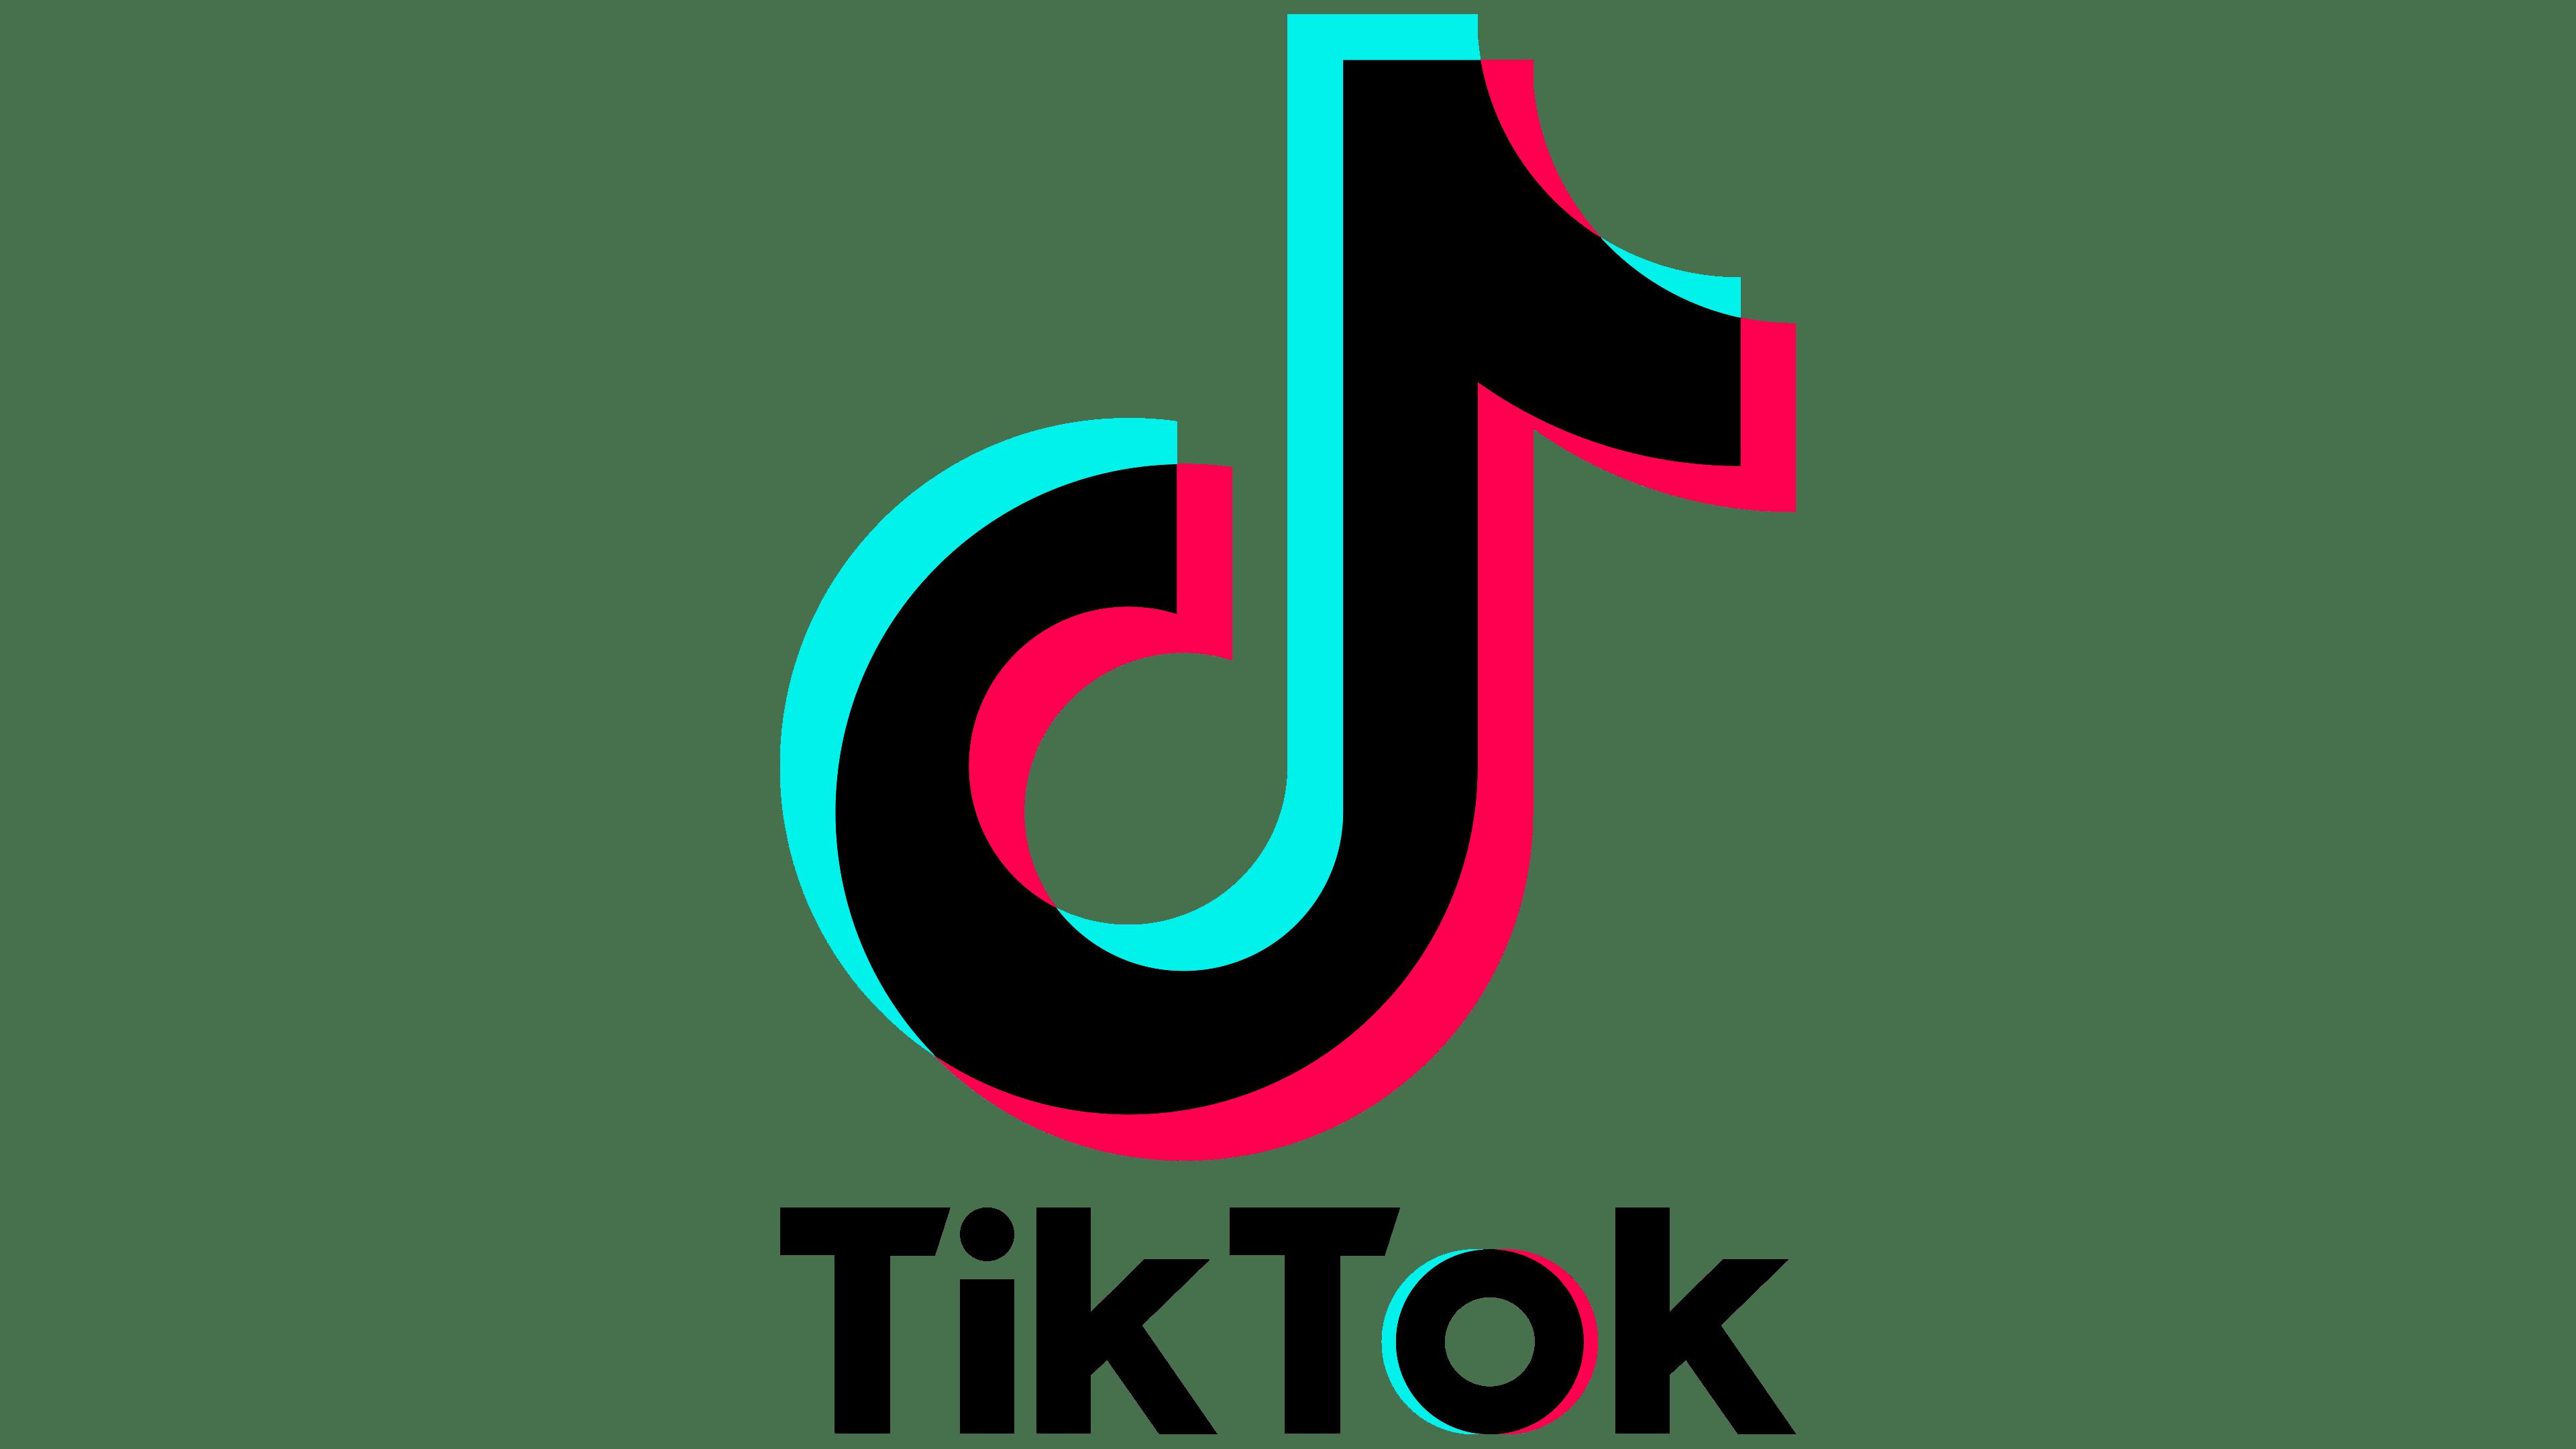 TikTok Logo | Significado, História e PNG - Tik Tok Colors